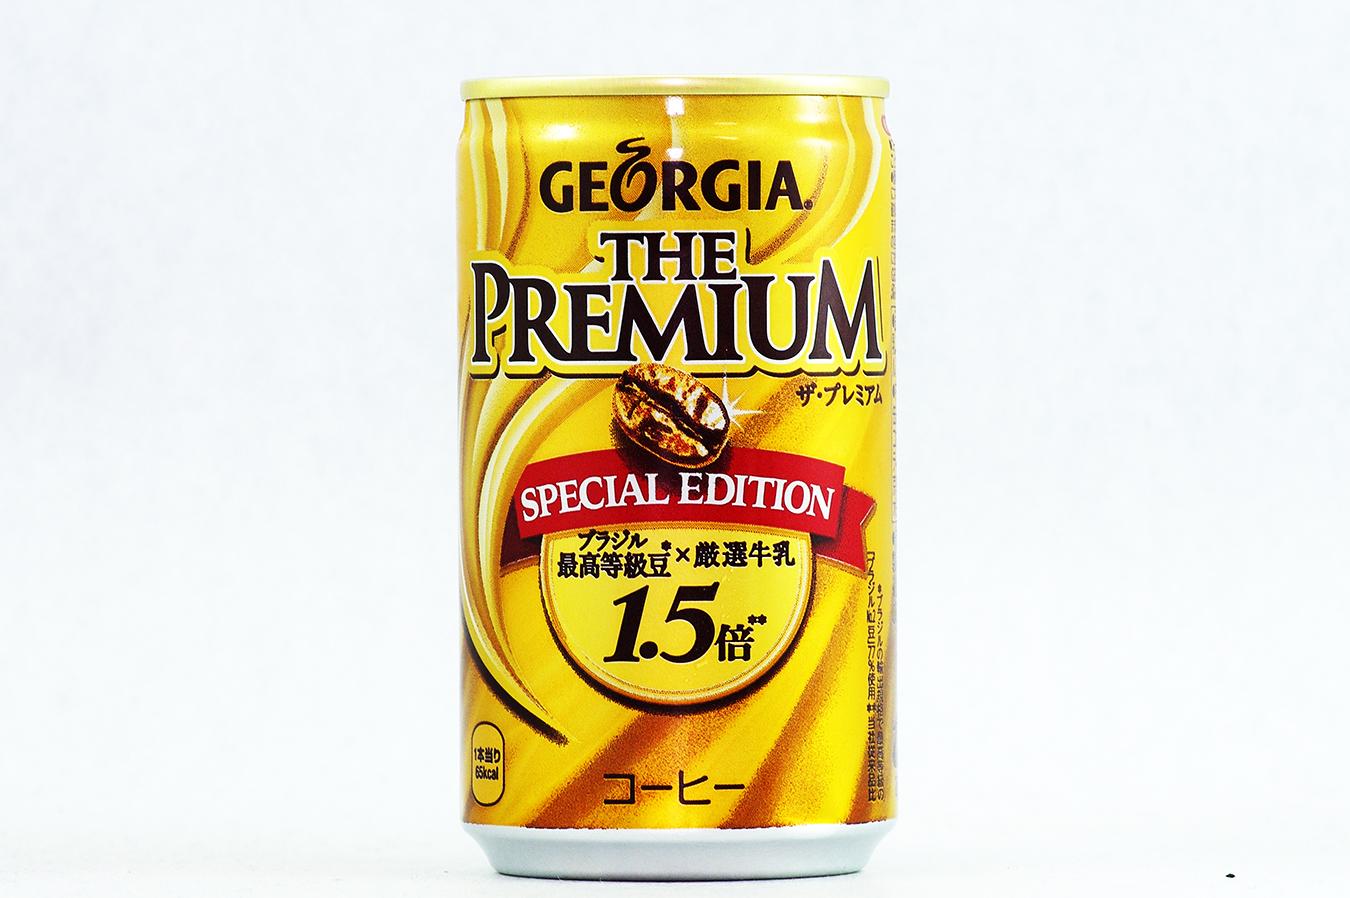 コカ・コーラカスタマーマーケティング GEORGIA ザ・プレミアム スペシャルエディション 2017年